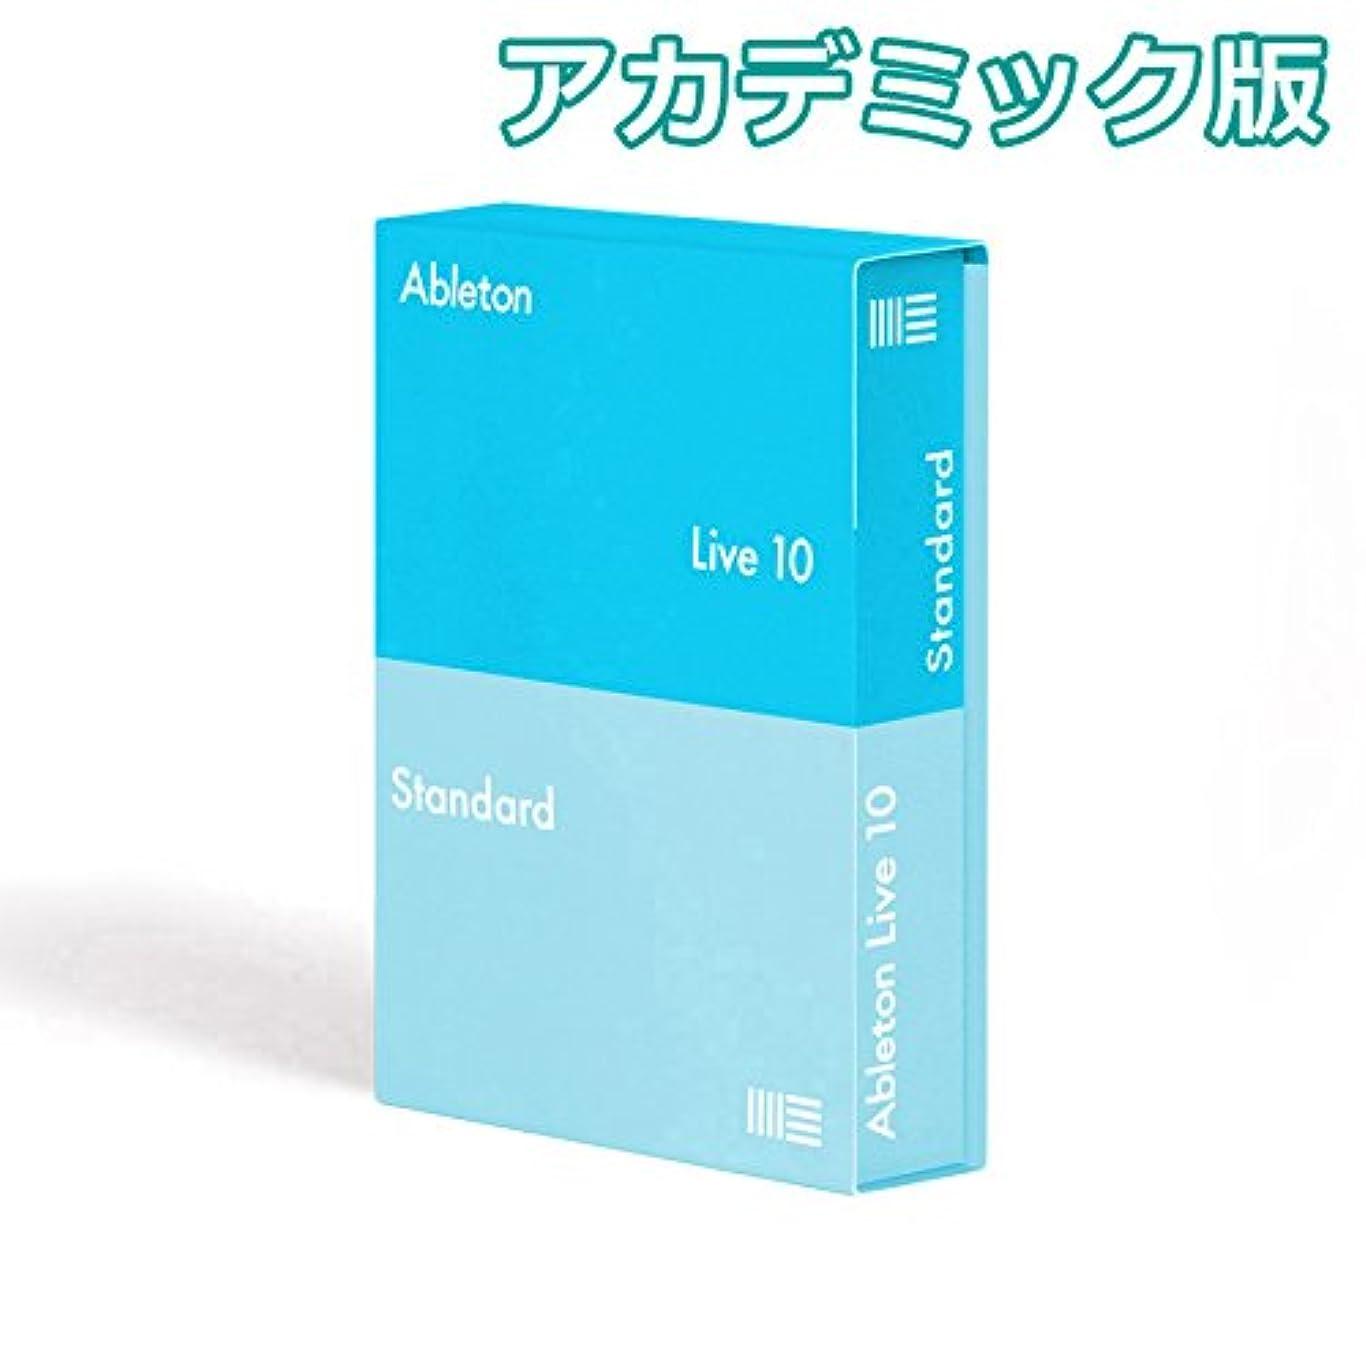 ちっちゃいインフルエンザ特権的Ableton Live10 Standard アカデミック版 楽曲制作ソフト 【ダウンロード版】 エイブルトン